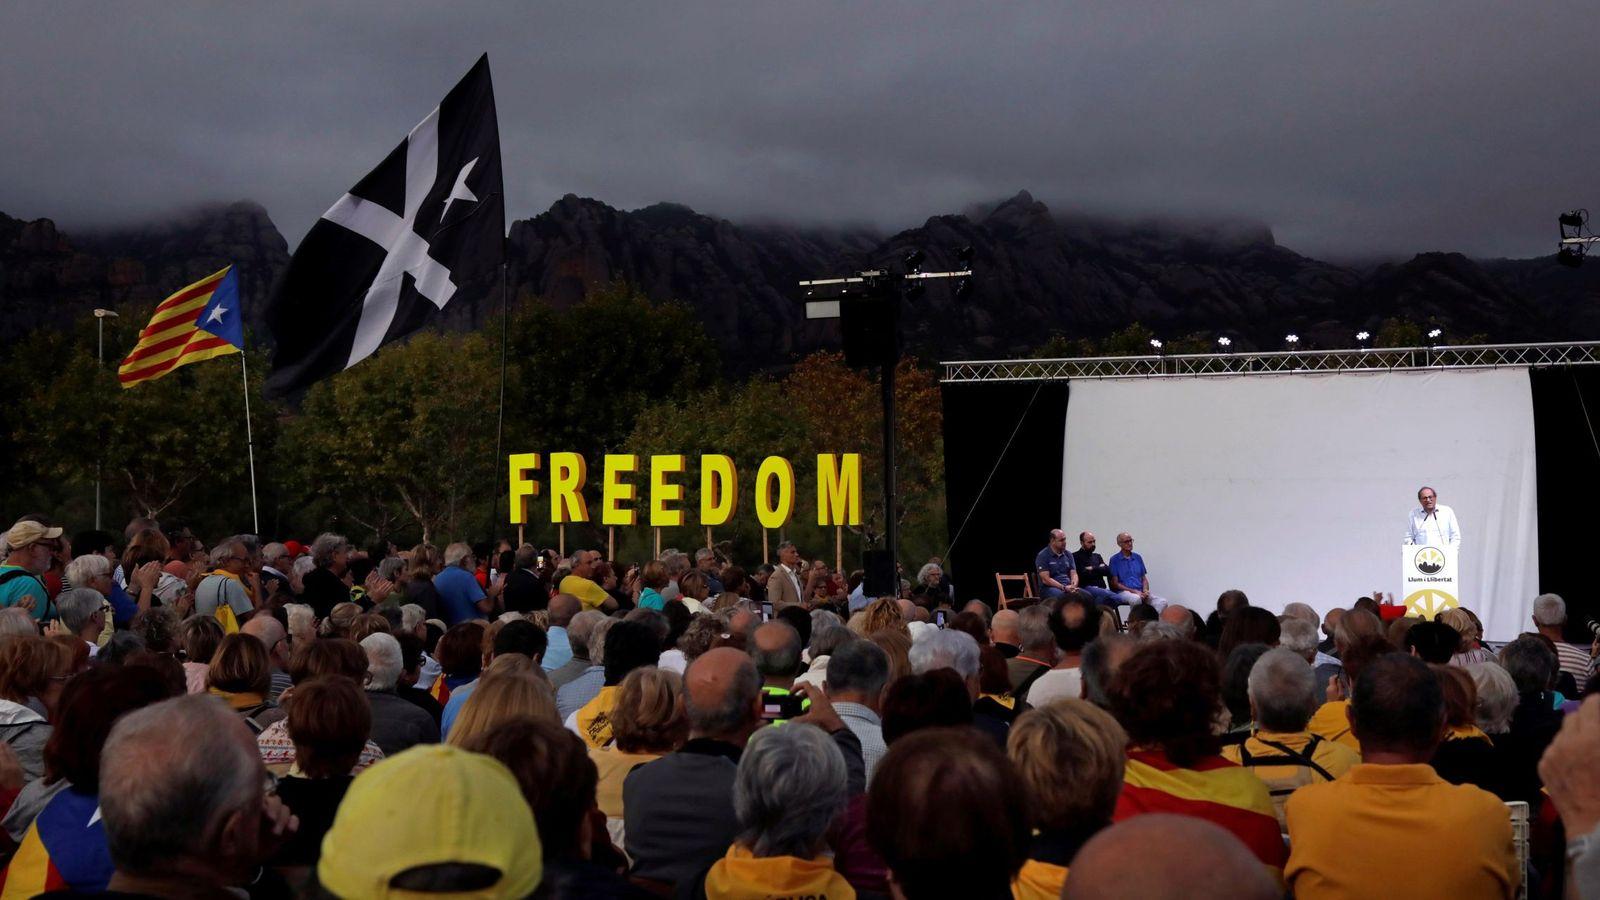 Foto: Quim torra participa en un acto para conmemorar el referéndum del 1-O. (EFE)